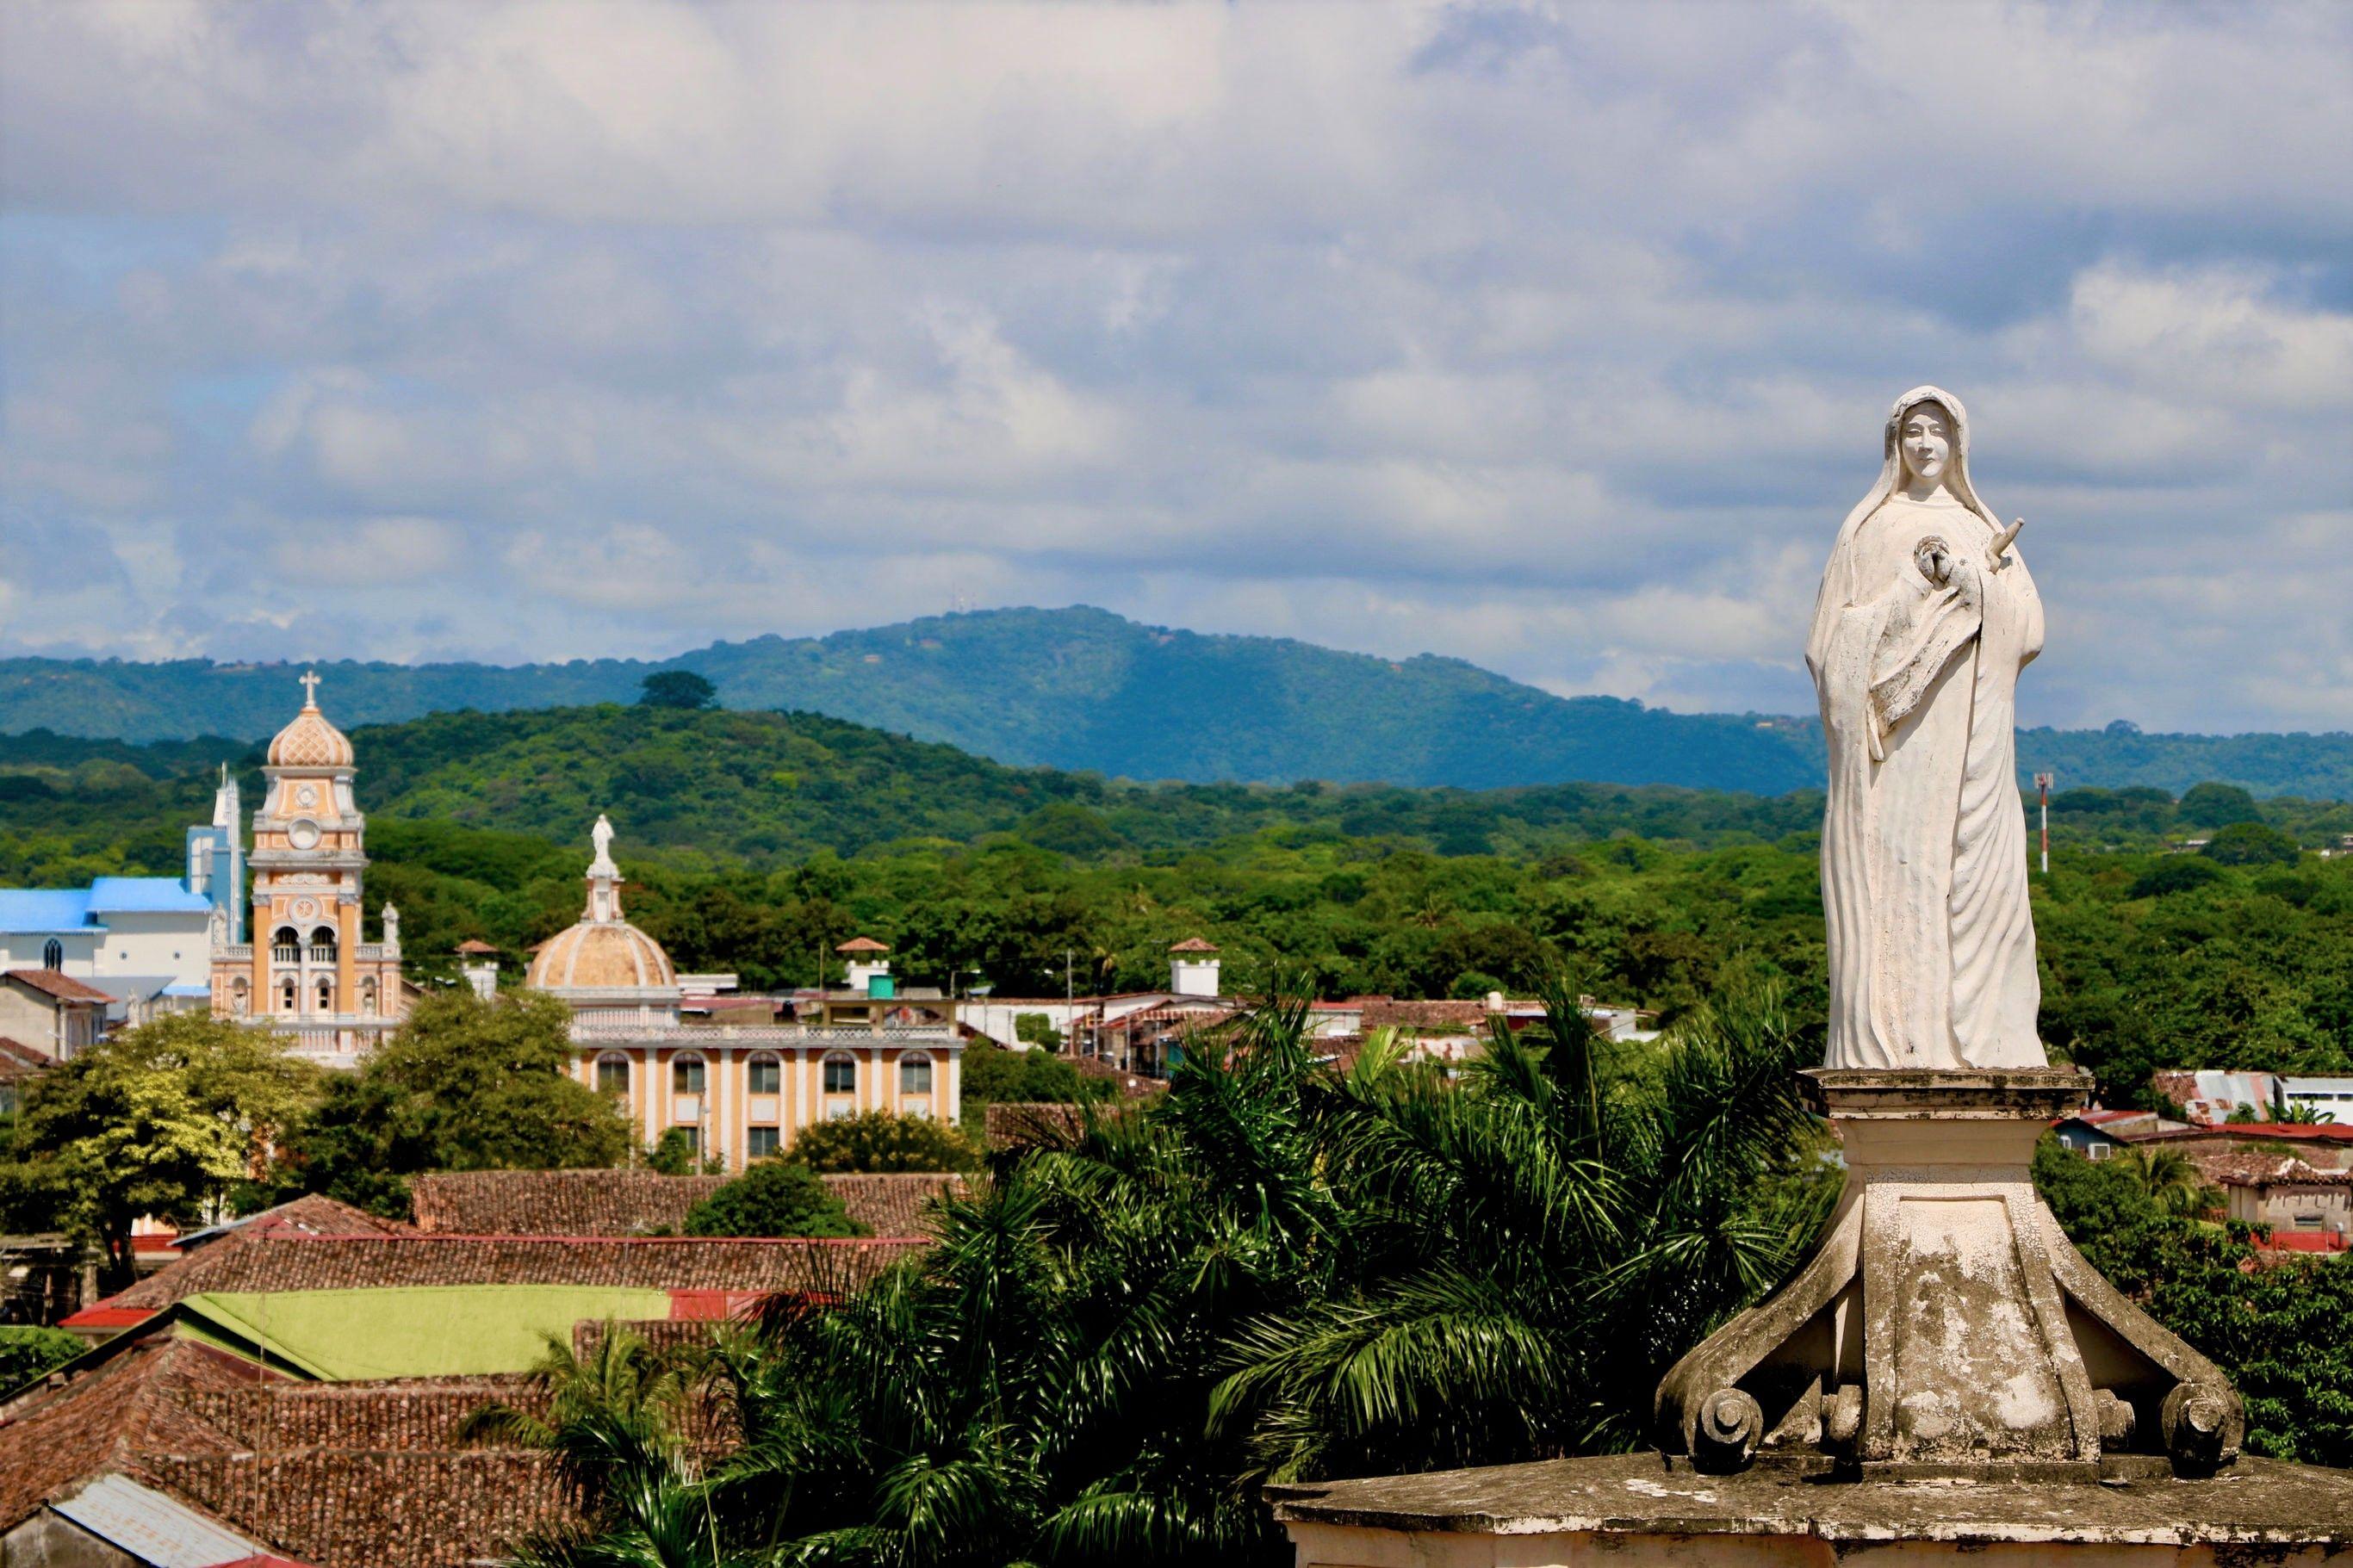 Sfeerimpressie Rondreis Nicaragua: Hoogtepunten van Nicaragua